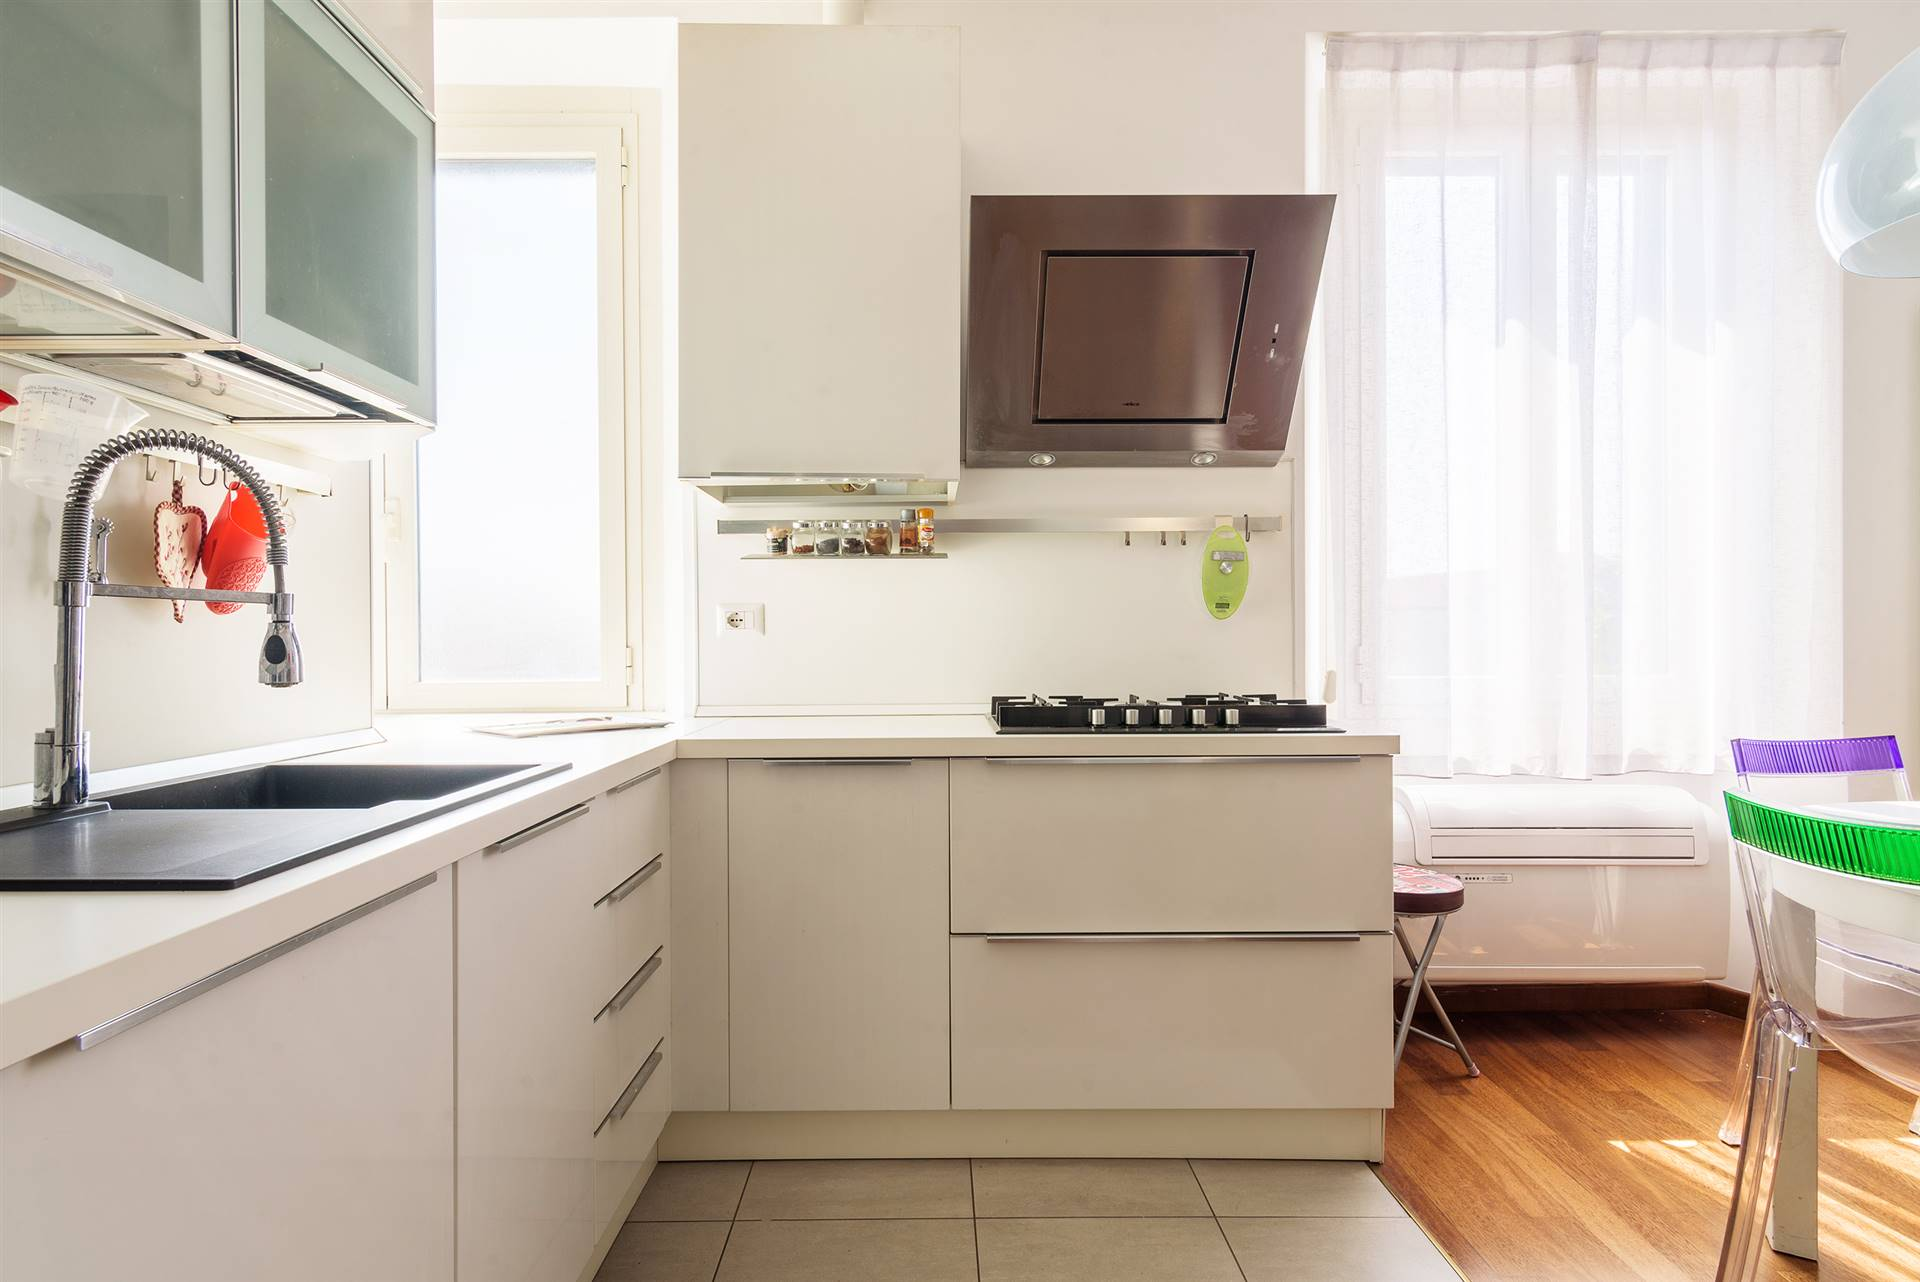 Cucina - Rif. LR-SARPI-01